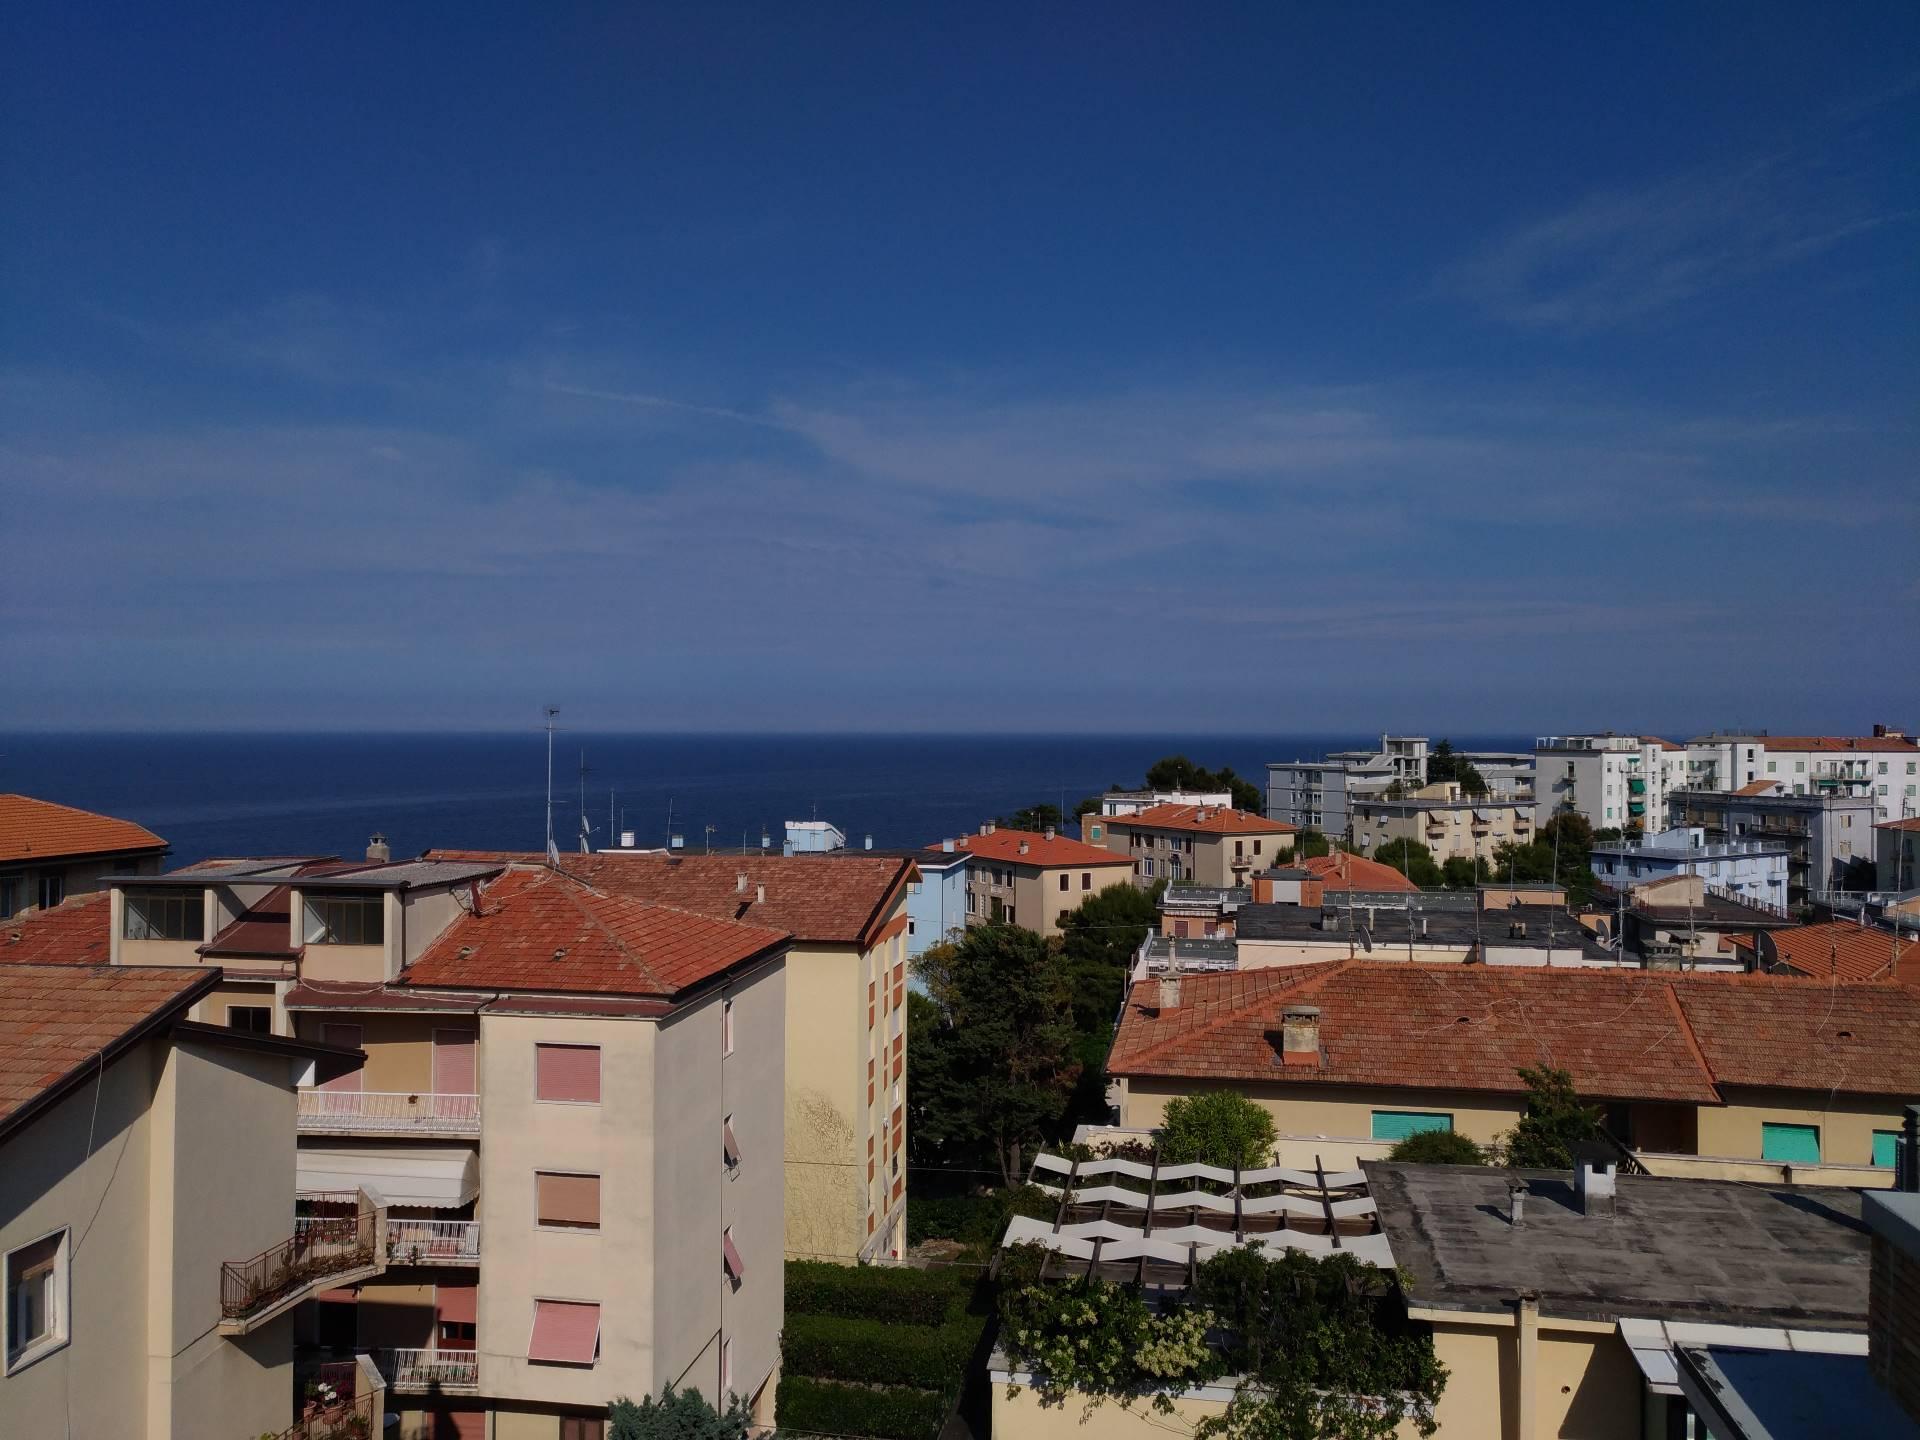 Appartamento in affitto a Ancona, 5 locali, zona Località: Q.Adriatico, prezzo € 700 | CambioCasa.it